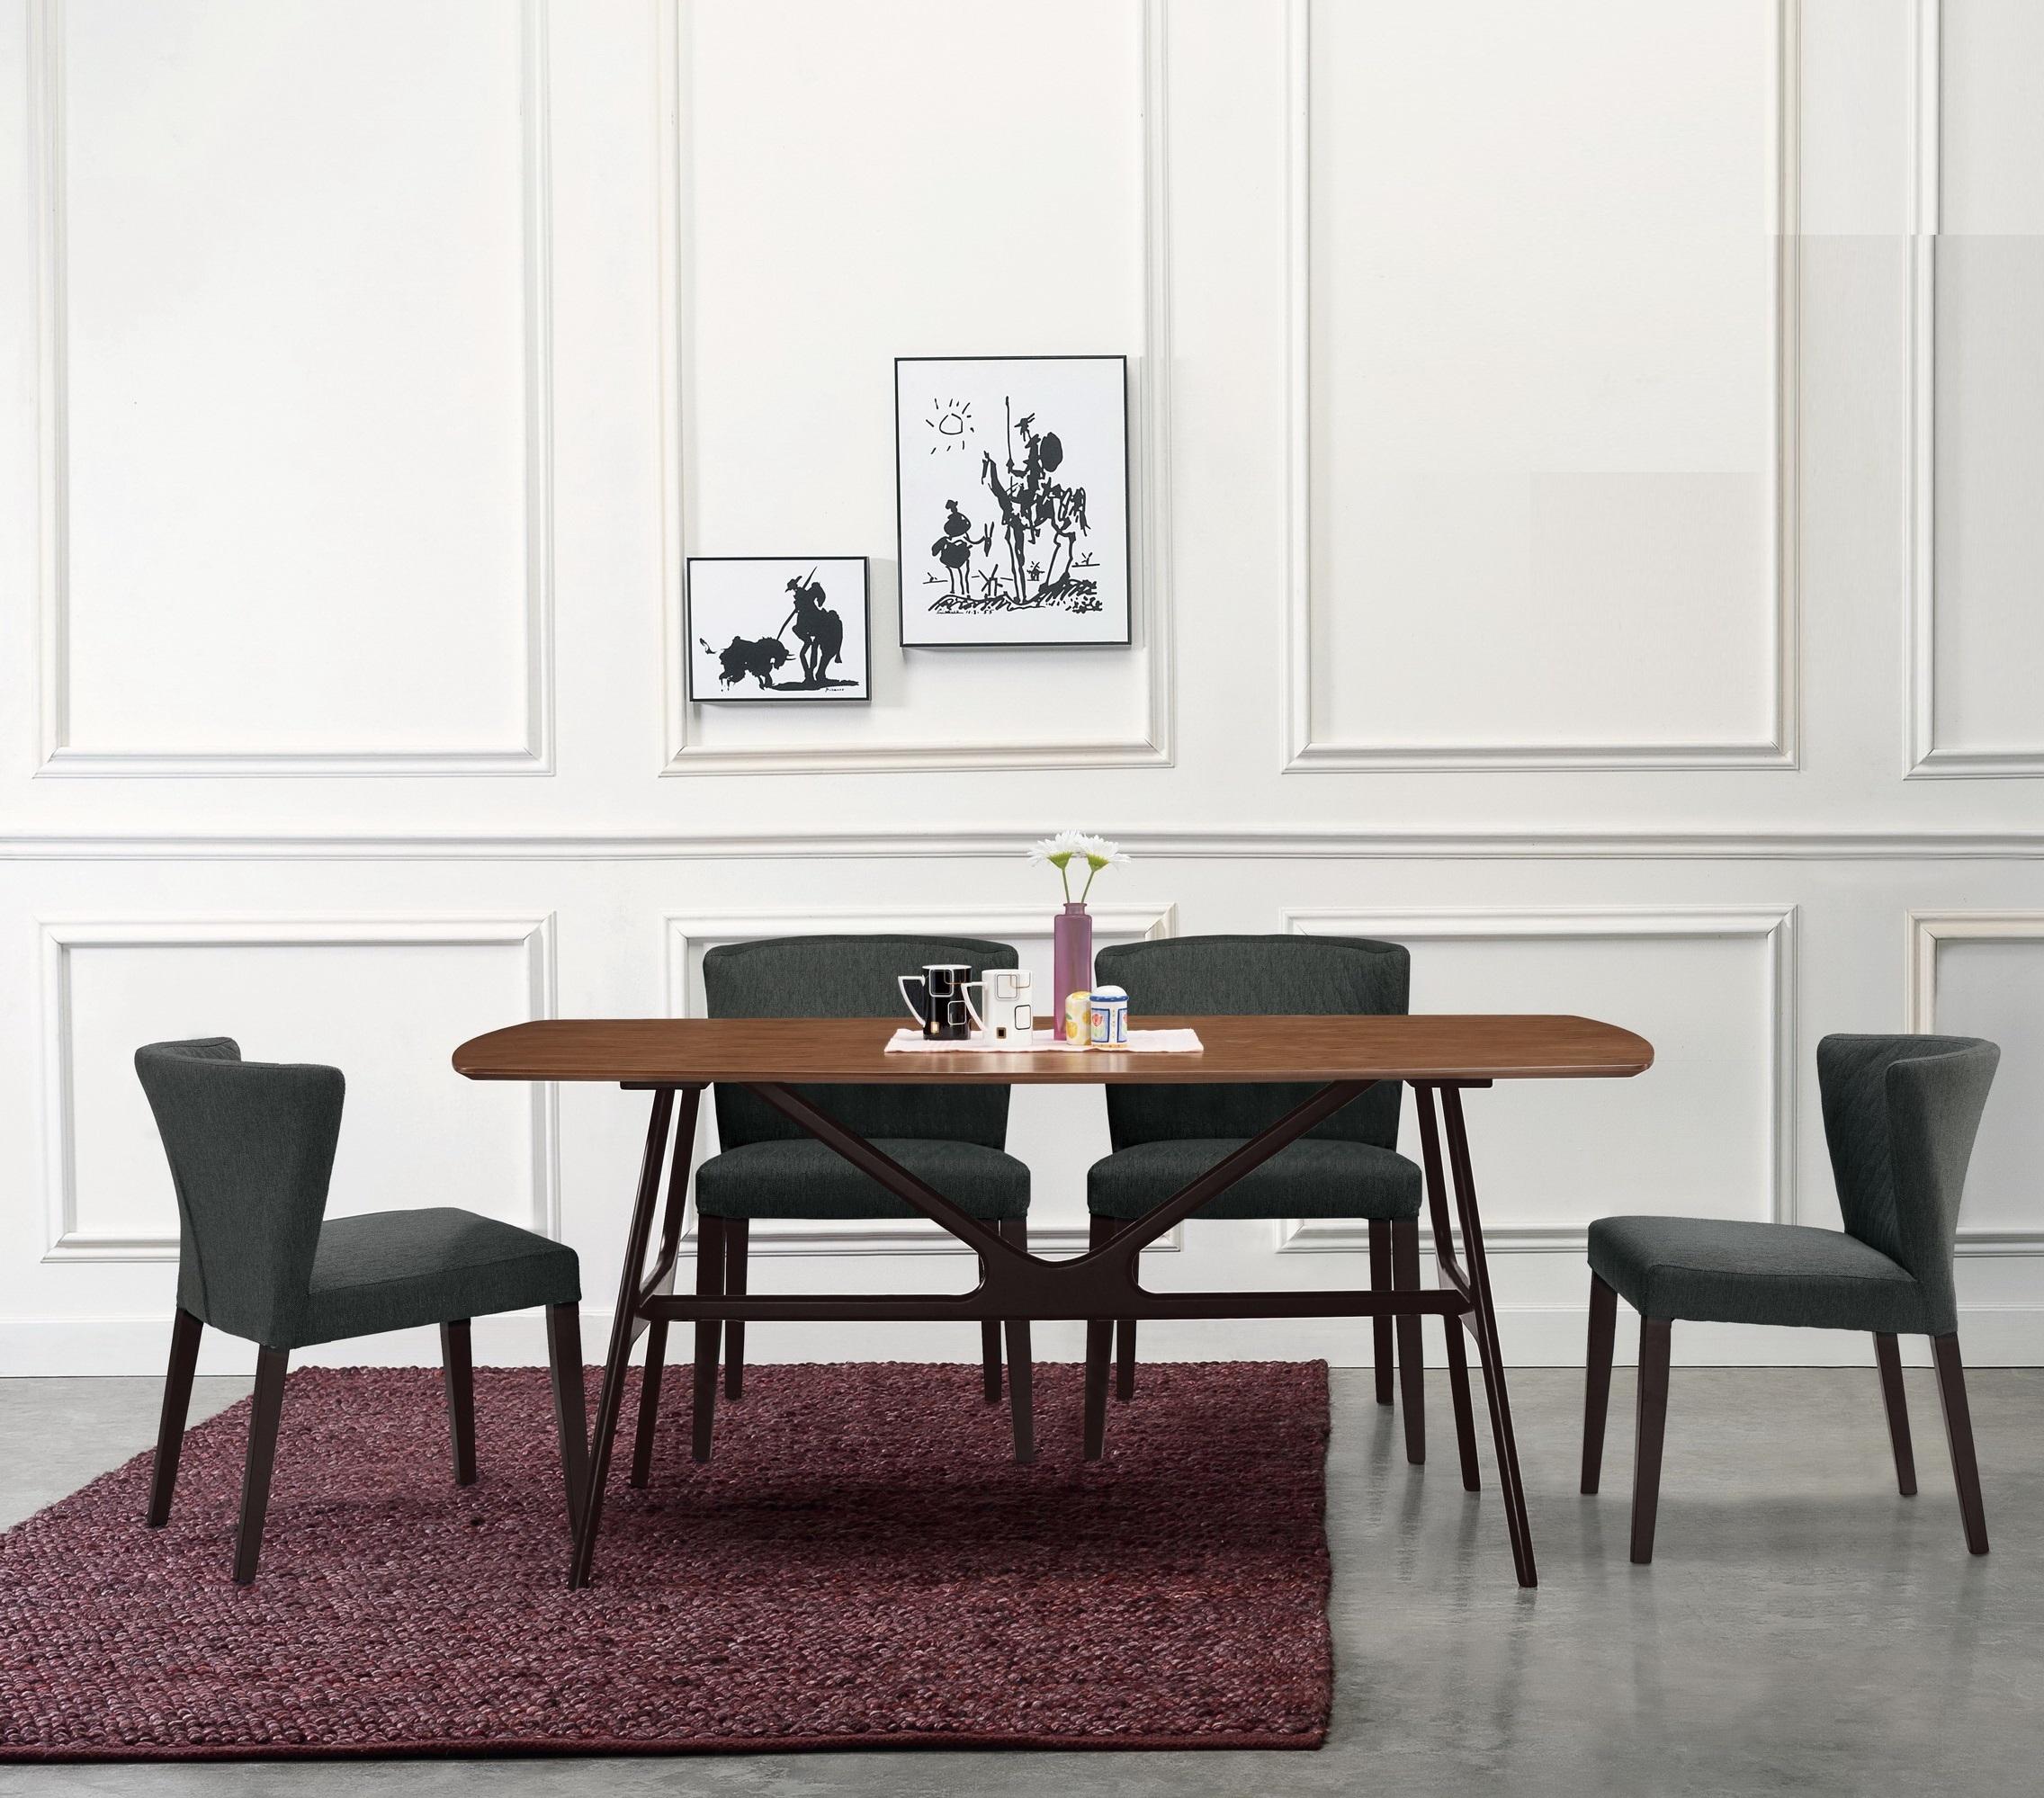 433-1 克萊夫6尺餐桌+513-4.jpg